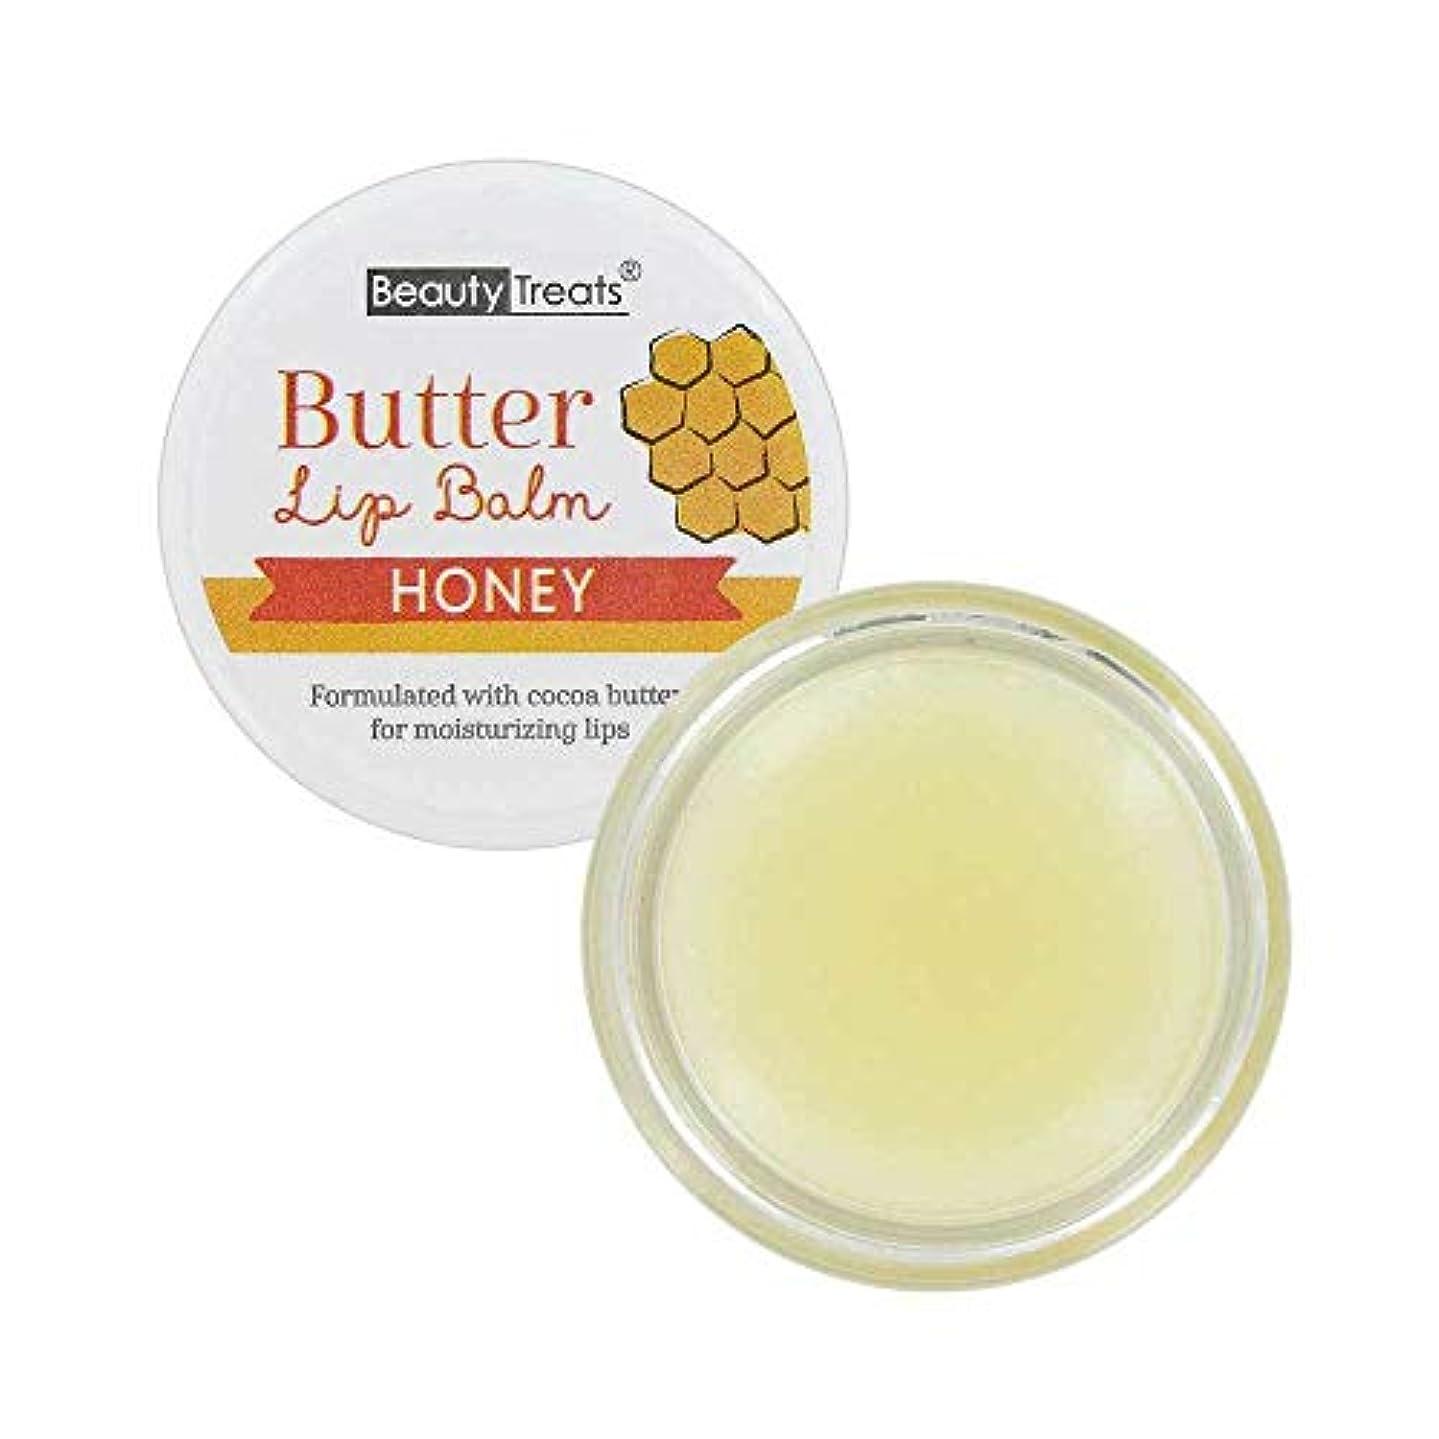 アーカイブミリメートルマーチャンダイジング(3 Pack) BEAUTY TREATS Butter Lip Balm - Honey (並行輸入品)